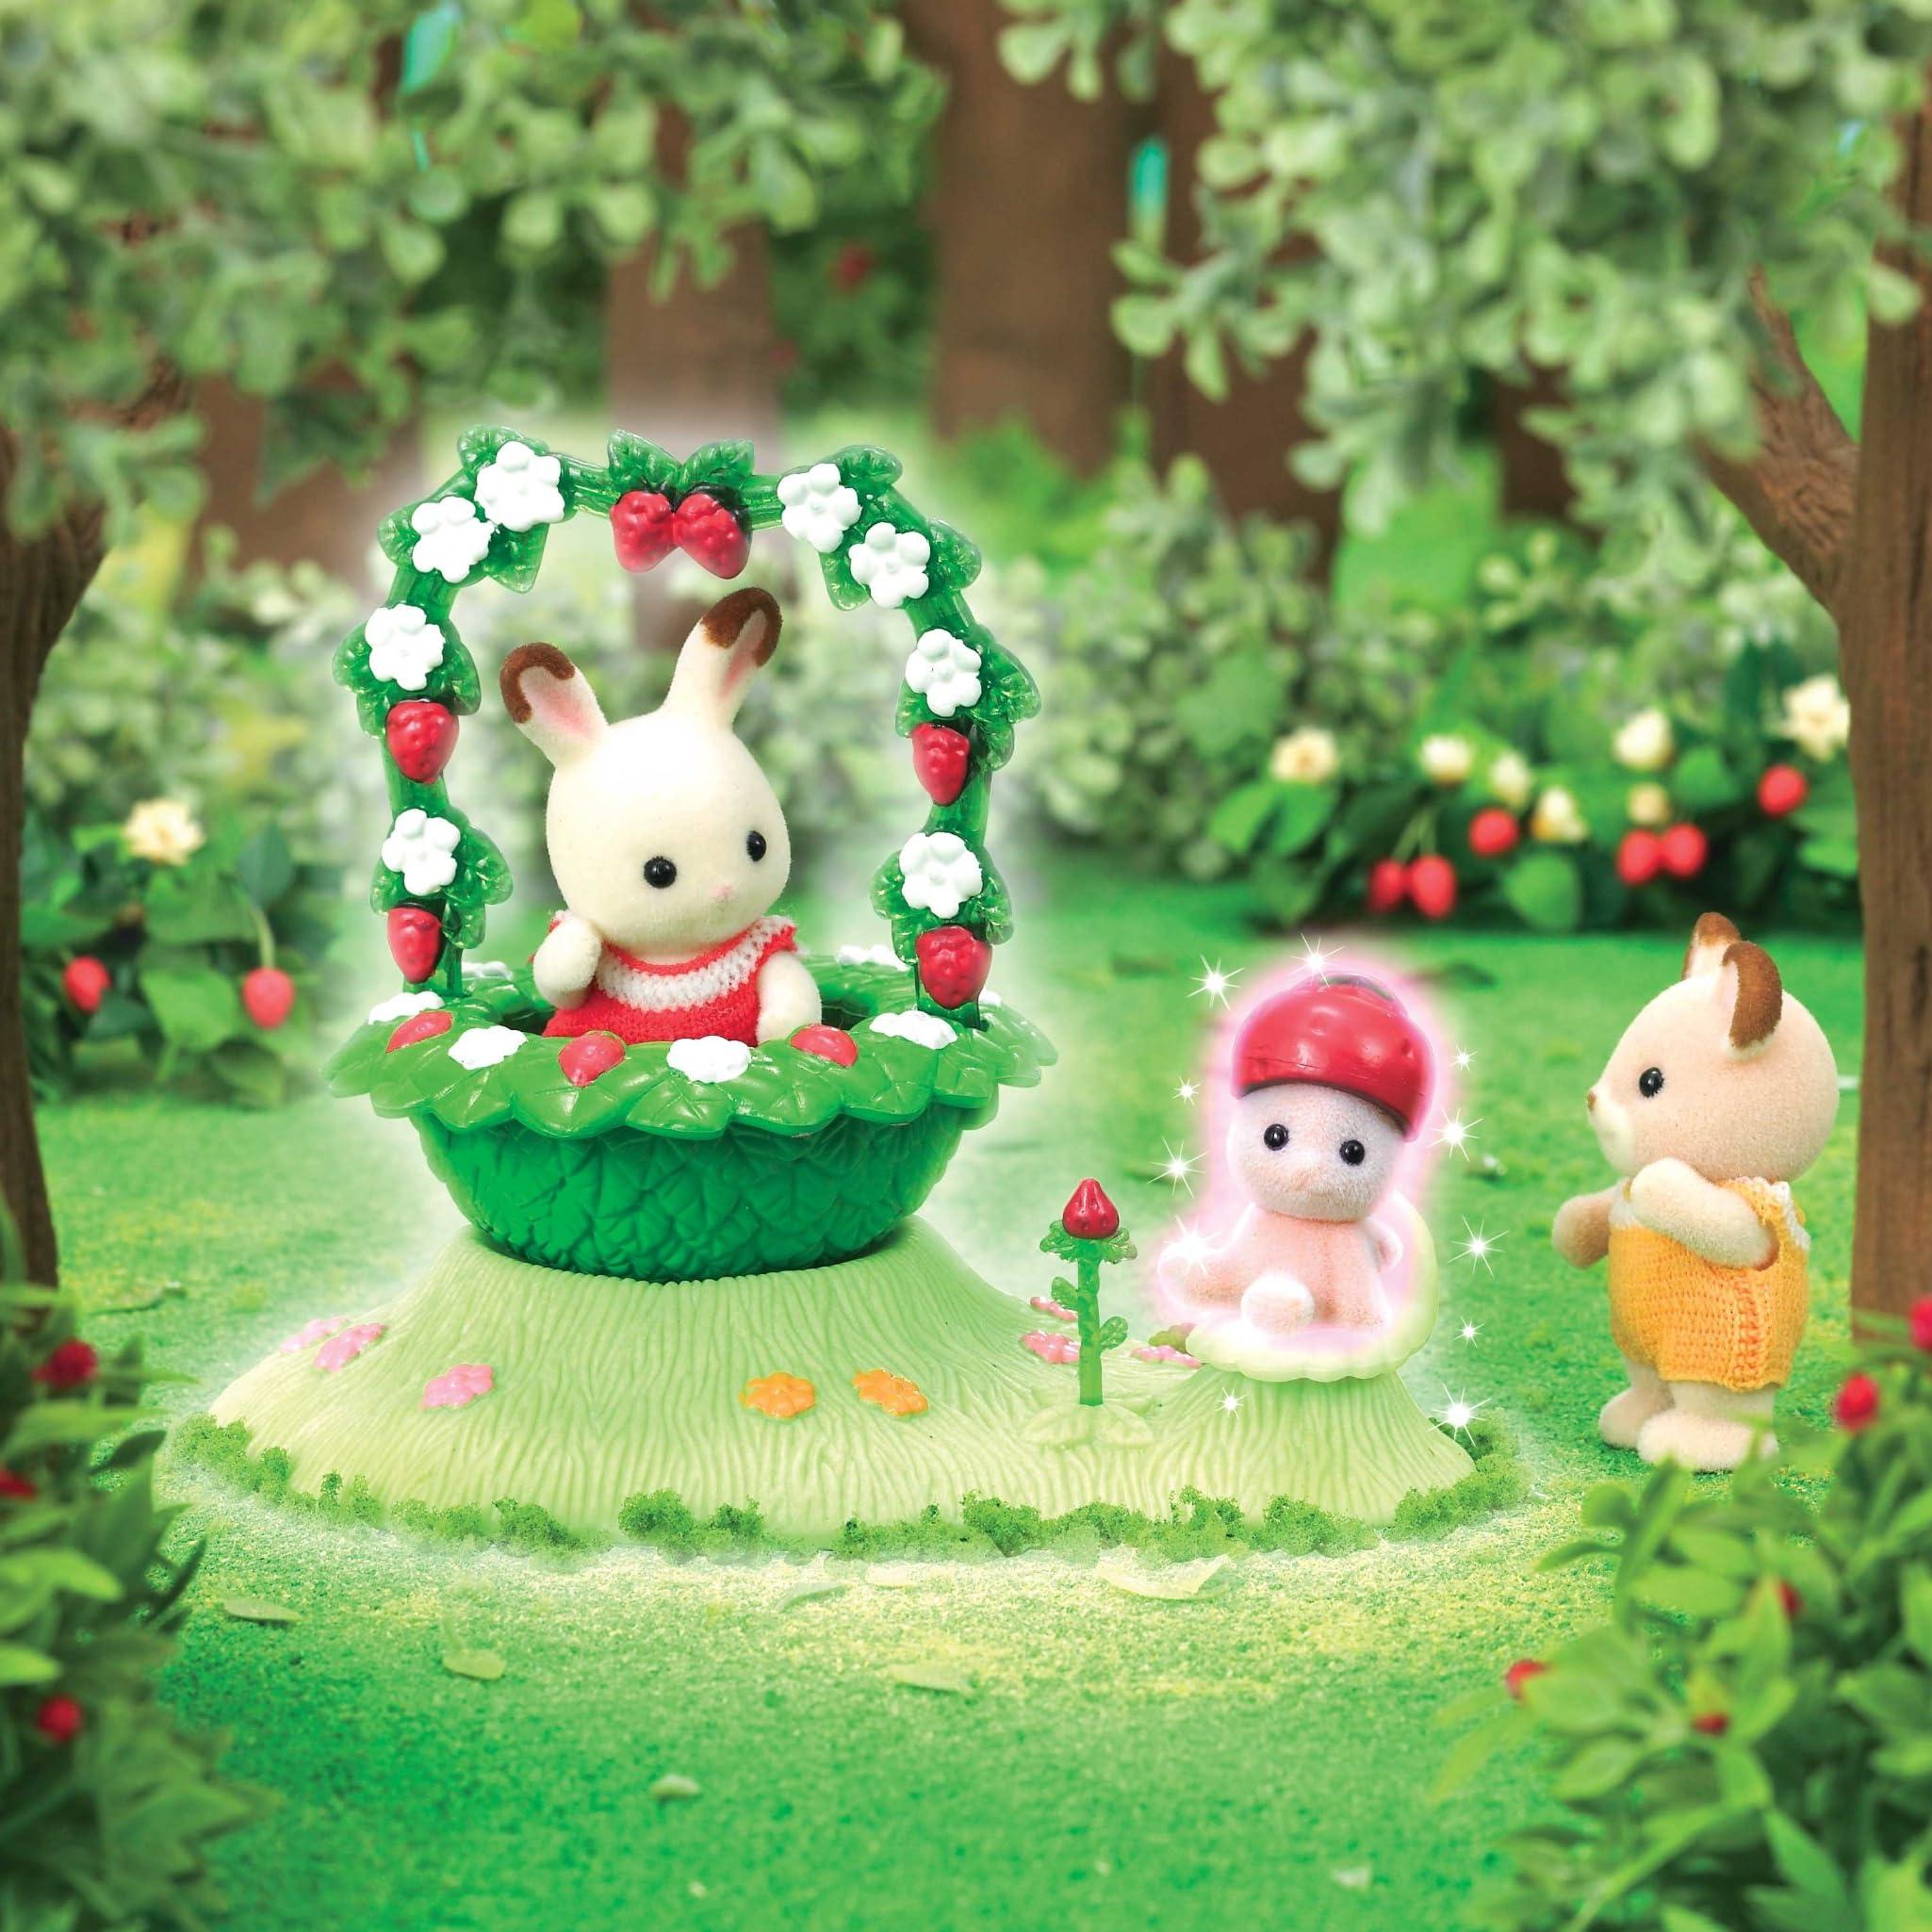 シルバニアファミリー Ipad壁紙 森の小さな妖精 いちごの妖精 その他